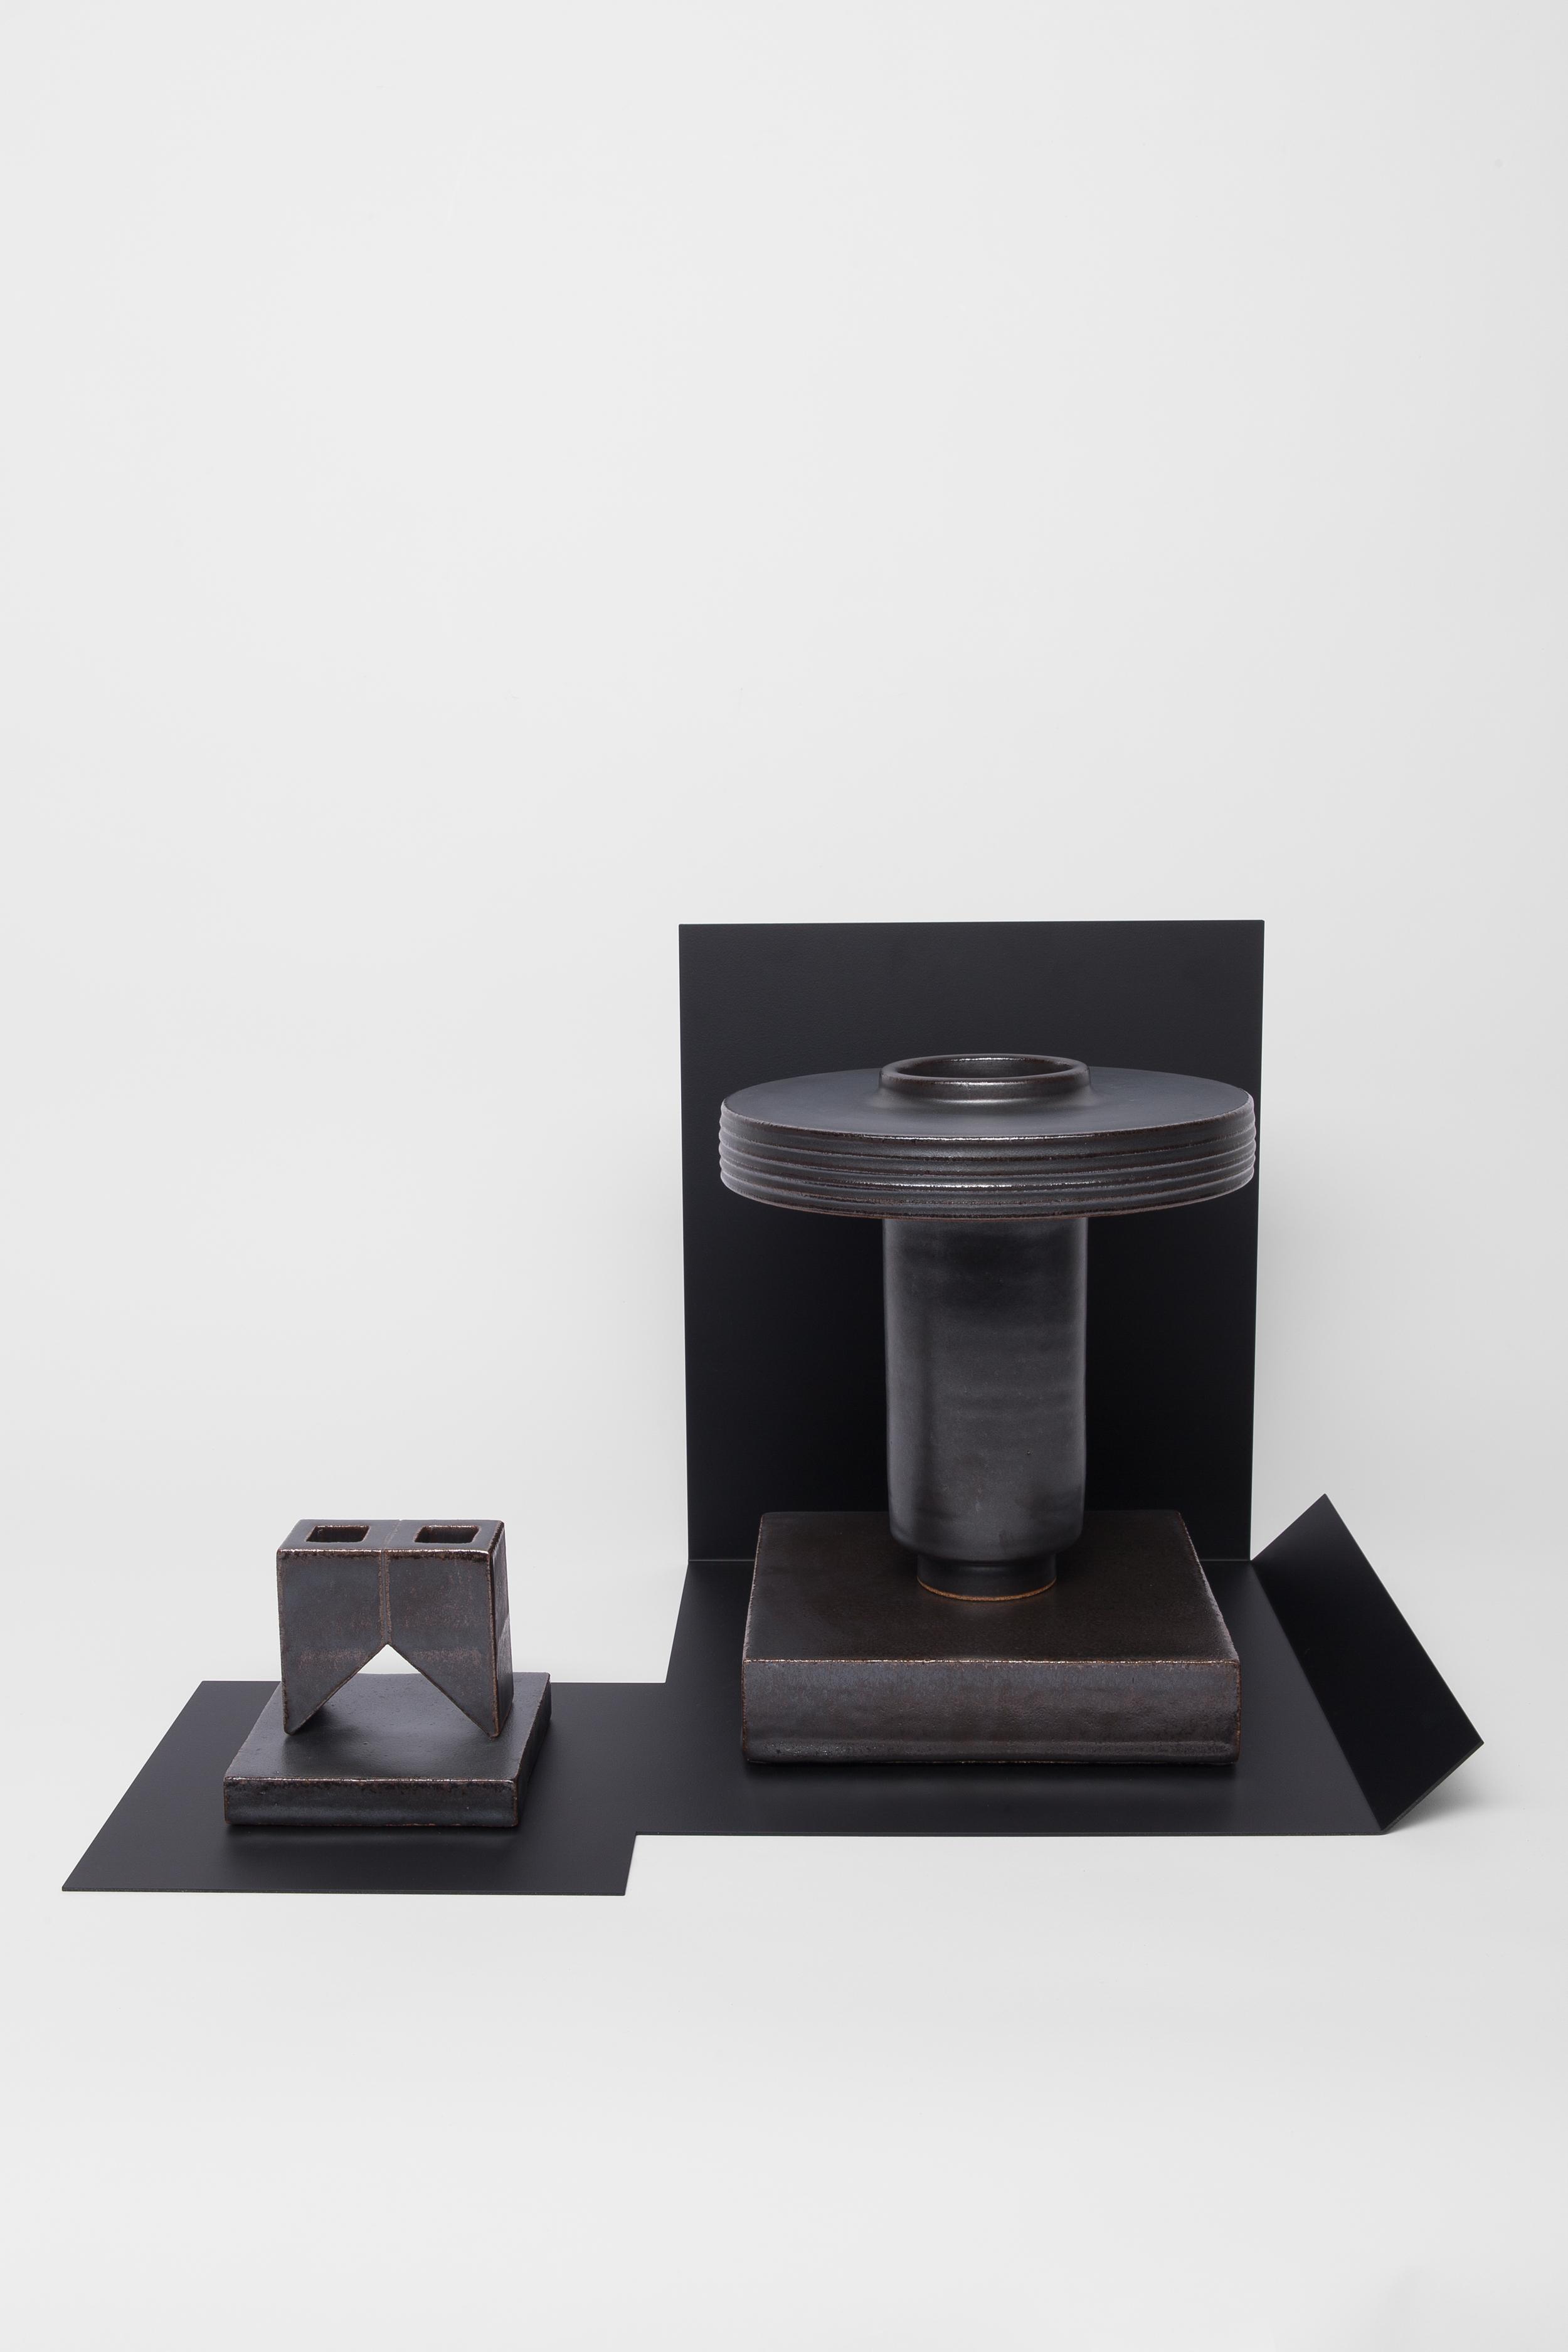 Studio Objects in Black (w/black tray)